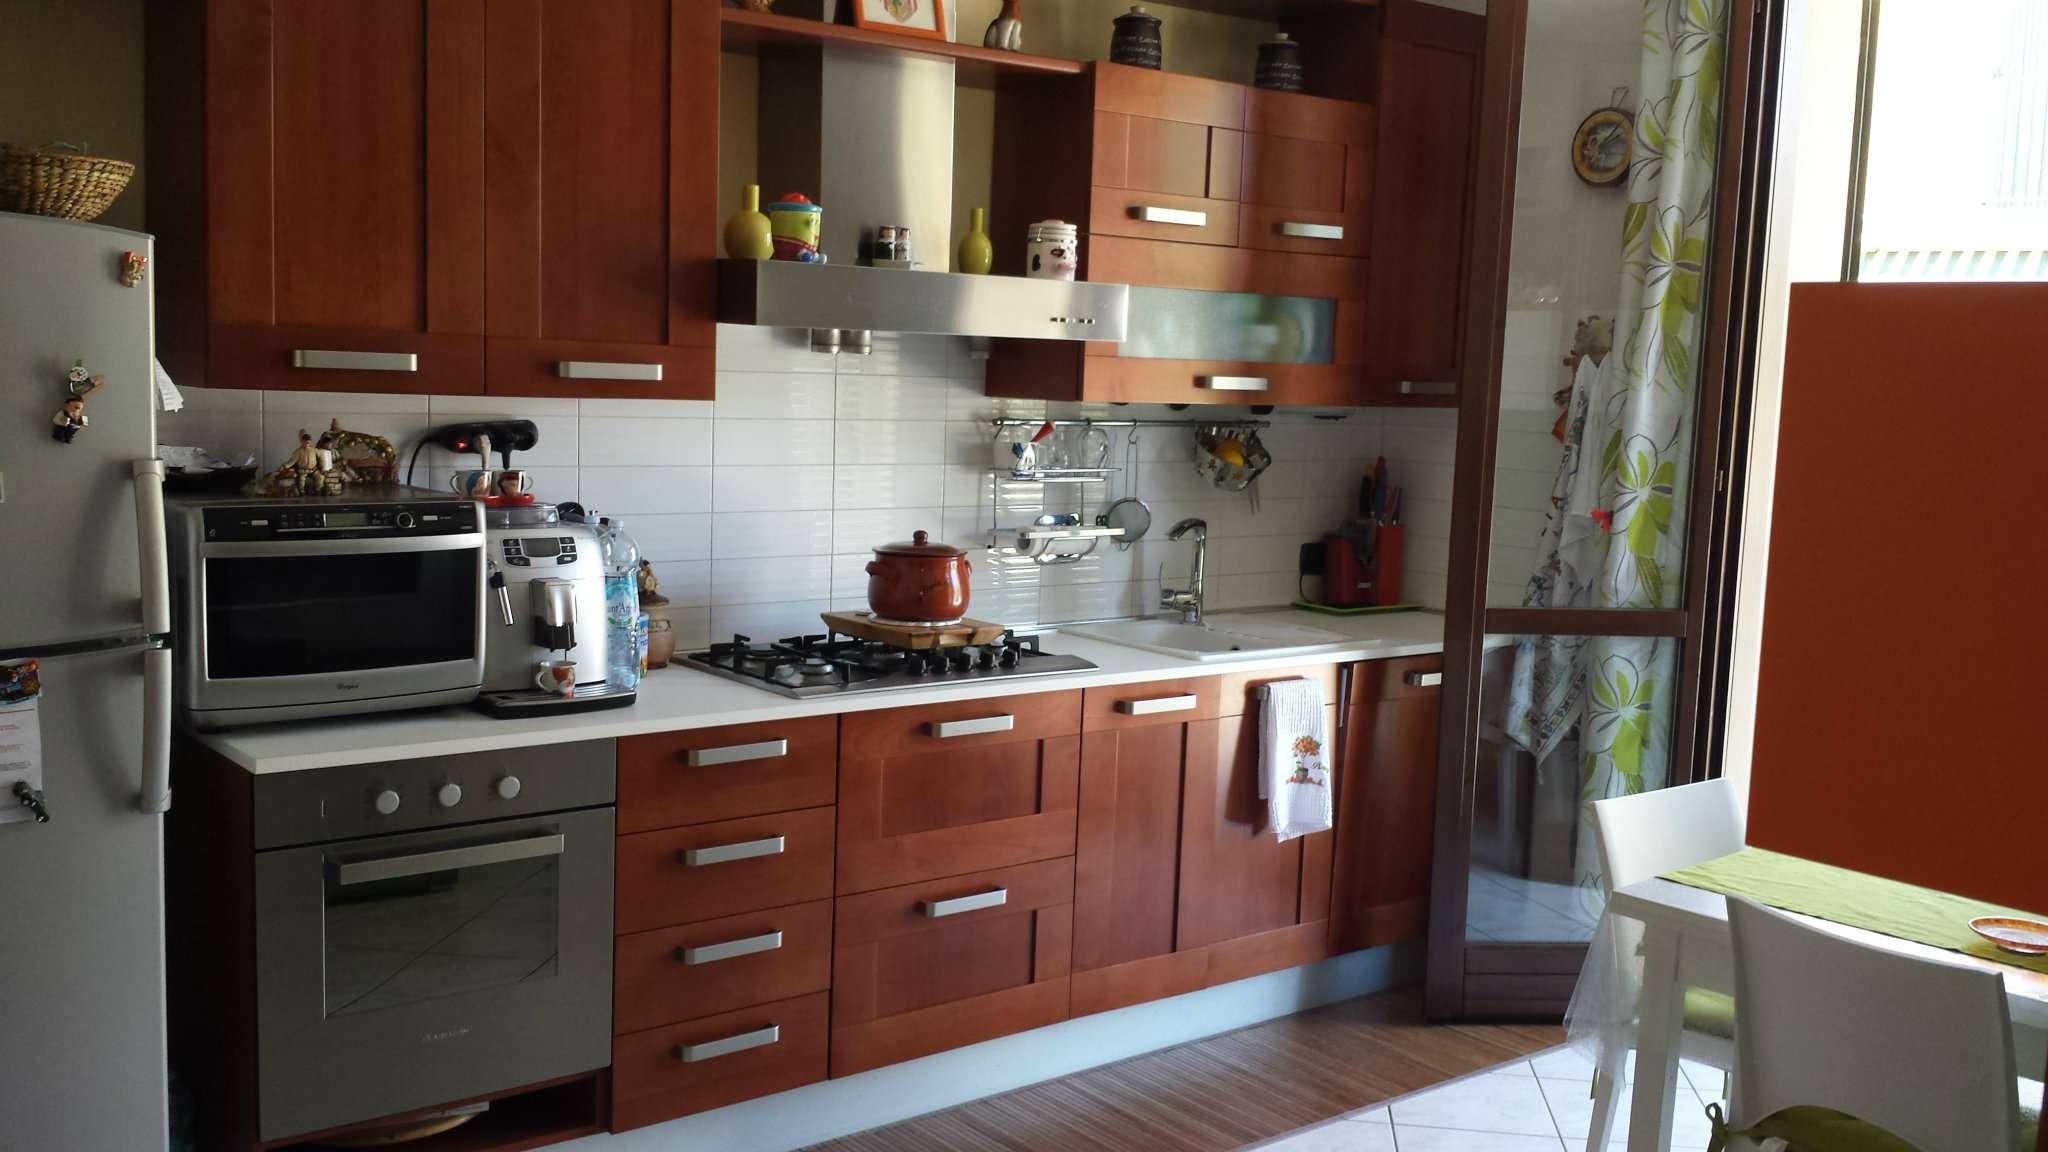 Appartamento in vendita a Bibbiano, 3 locali, prezzo € 103.000 | CambioCasa.it